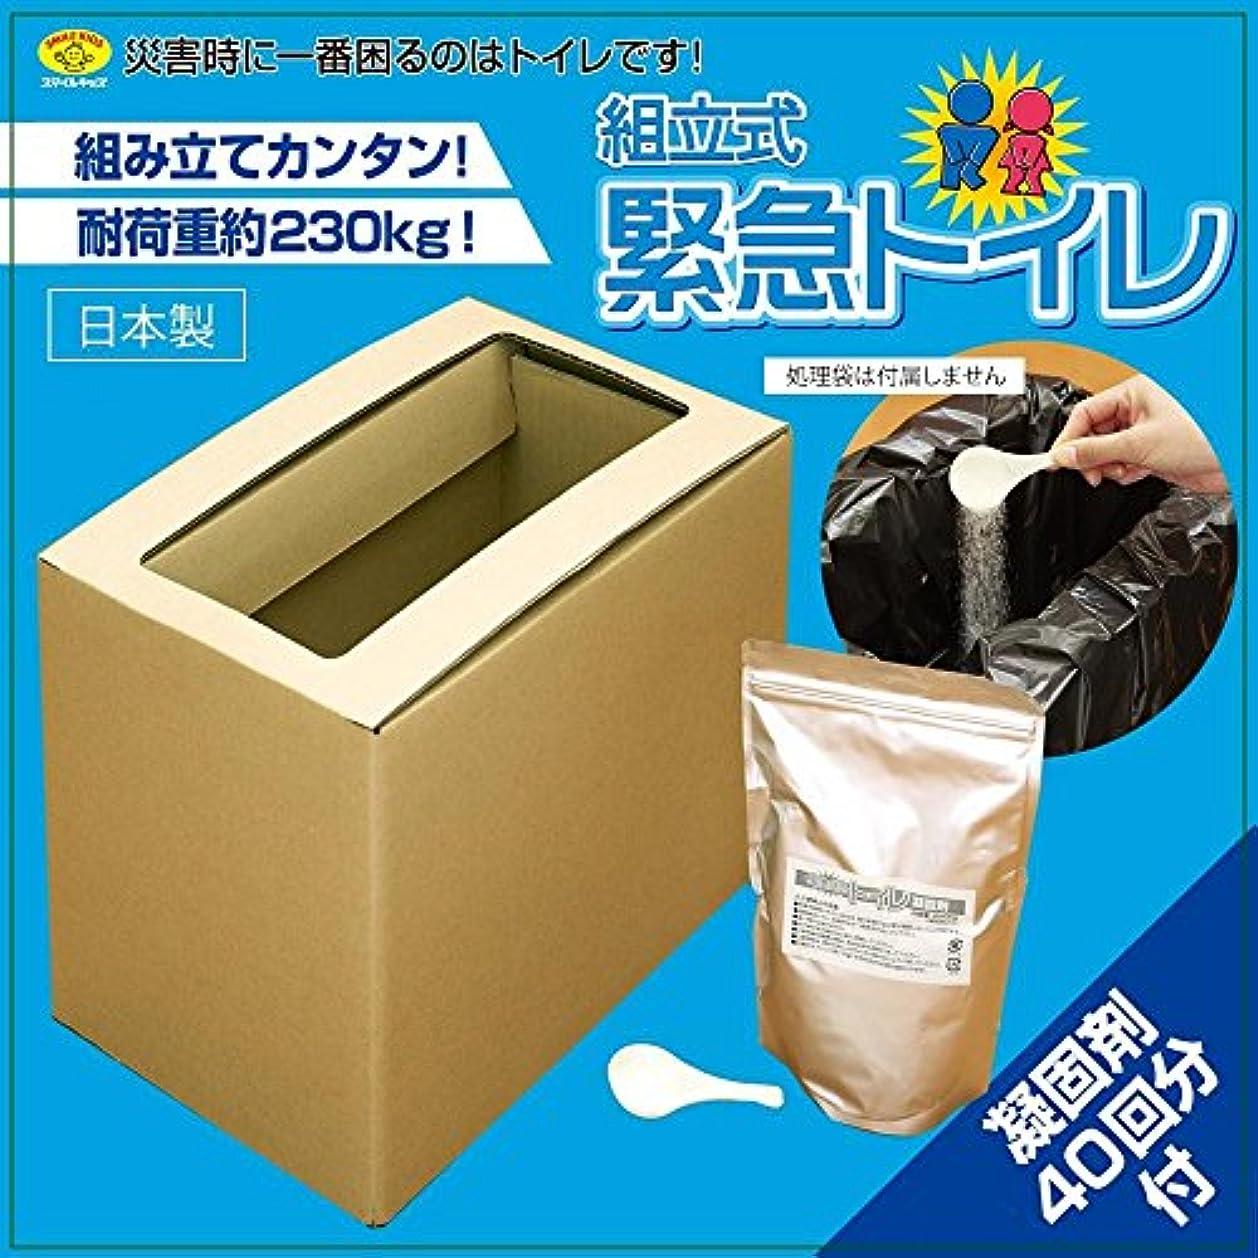 狂ったスプレー調べる組立式緊急トイレ 凝固剤40回分付 ABO-3040N